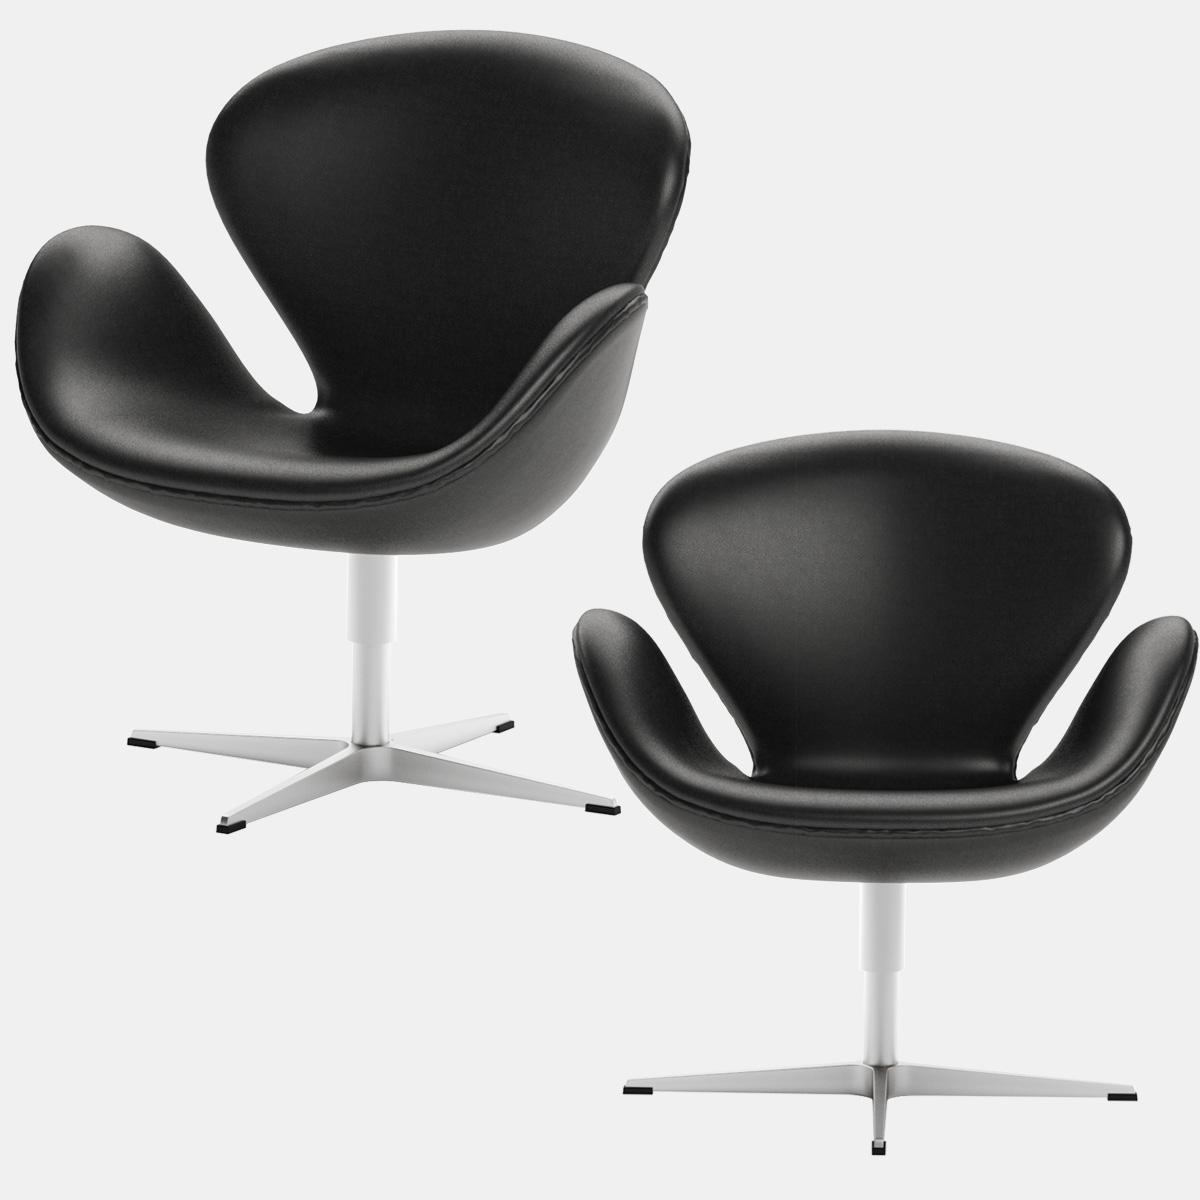 Strange Swan Chair Arne Jacobsen Fritz Hansen Black Leather Evergreenethics Interior Chair Design Evergreenethicsorg